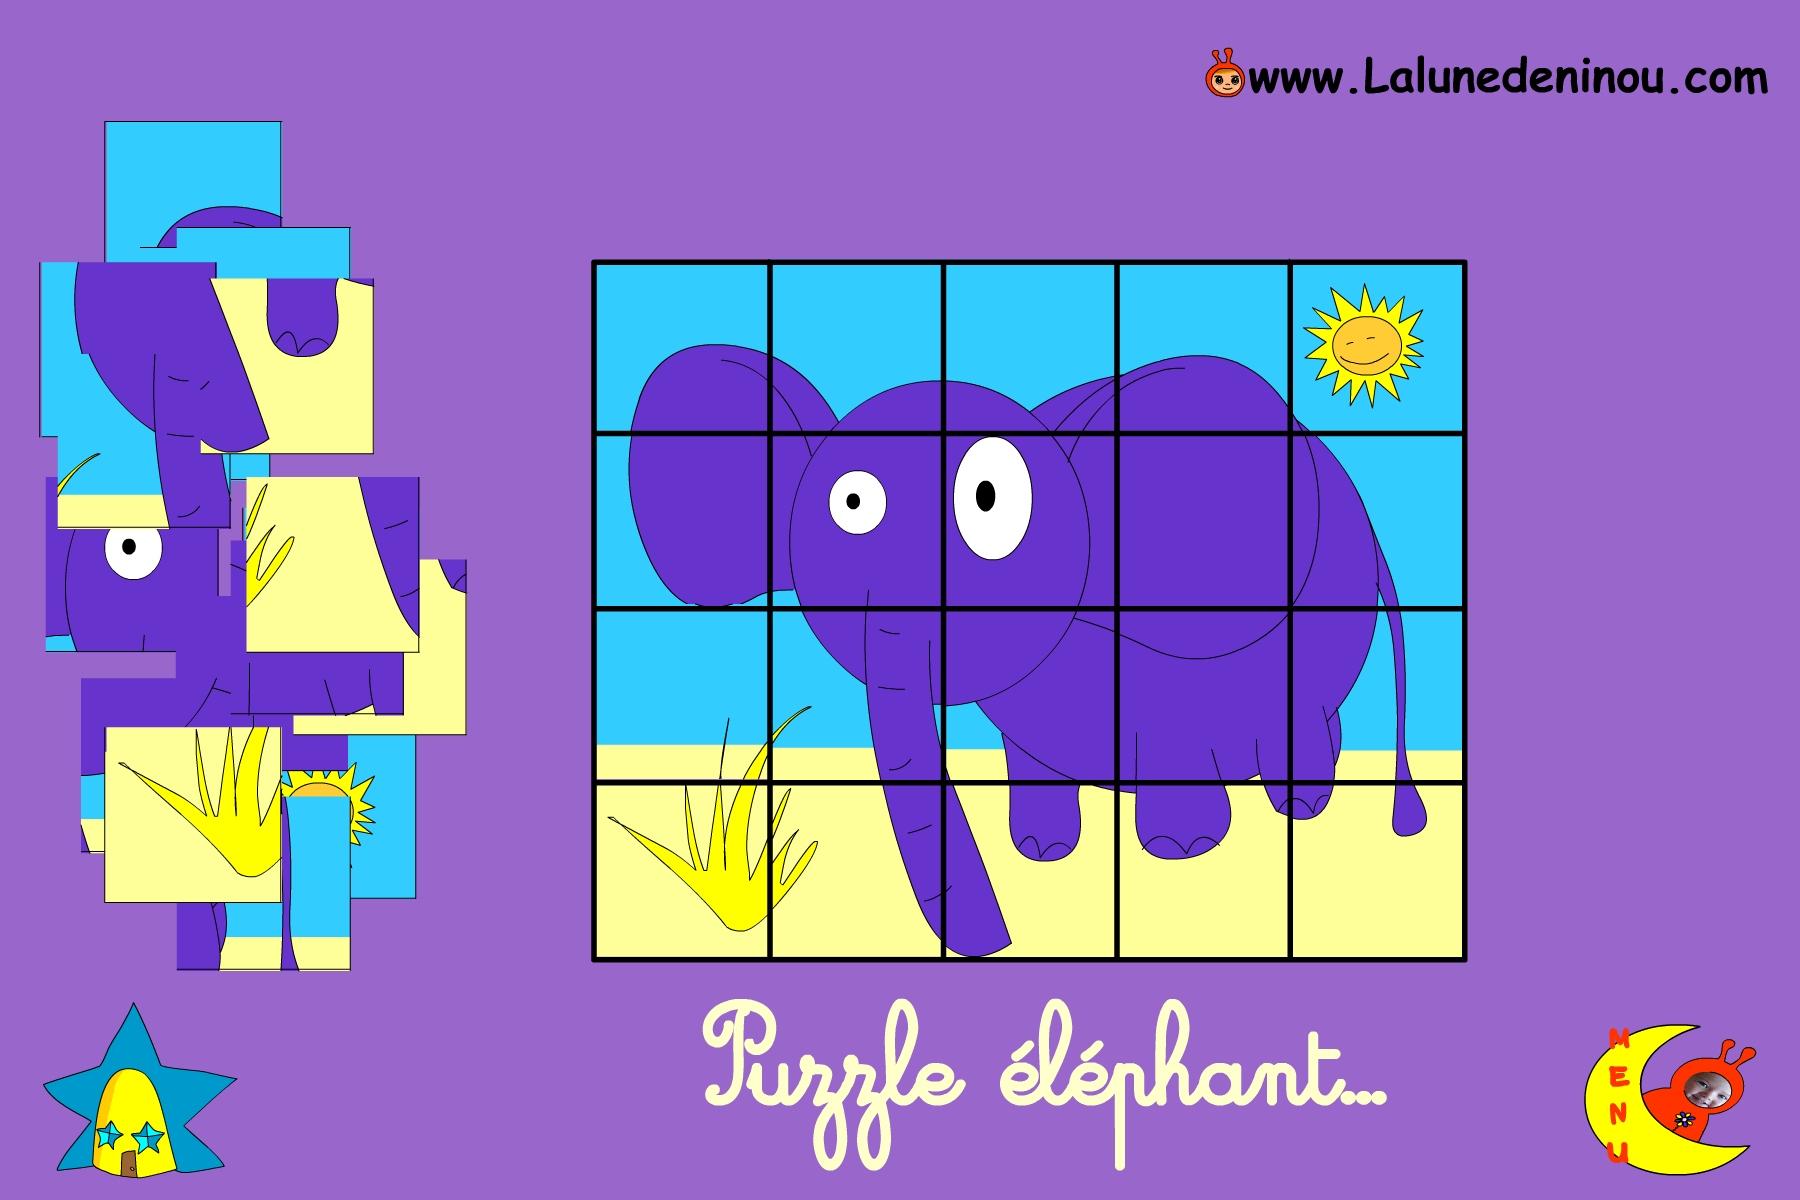 Puzzle En Ligne Pour Enfant De Maternelle - Lalunedeninou pour Jeux Fille 4 Ans Gratuits